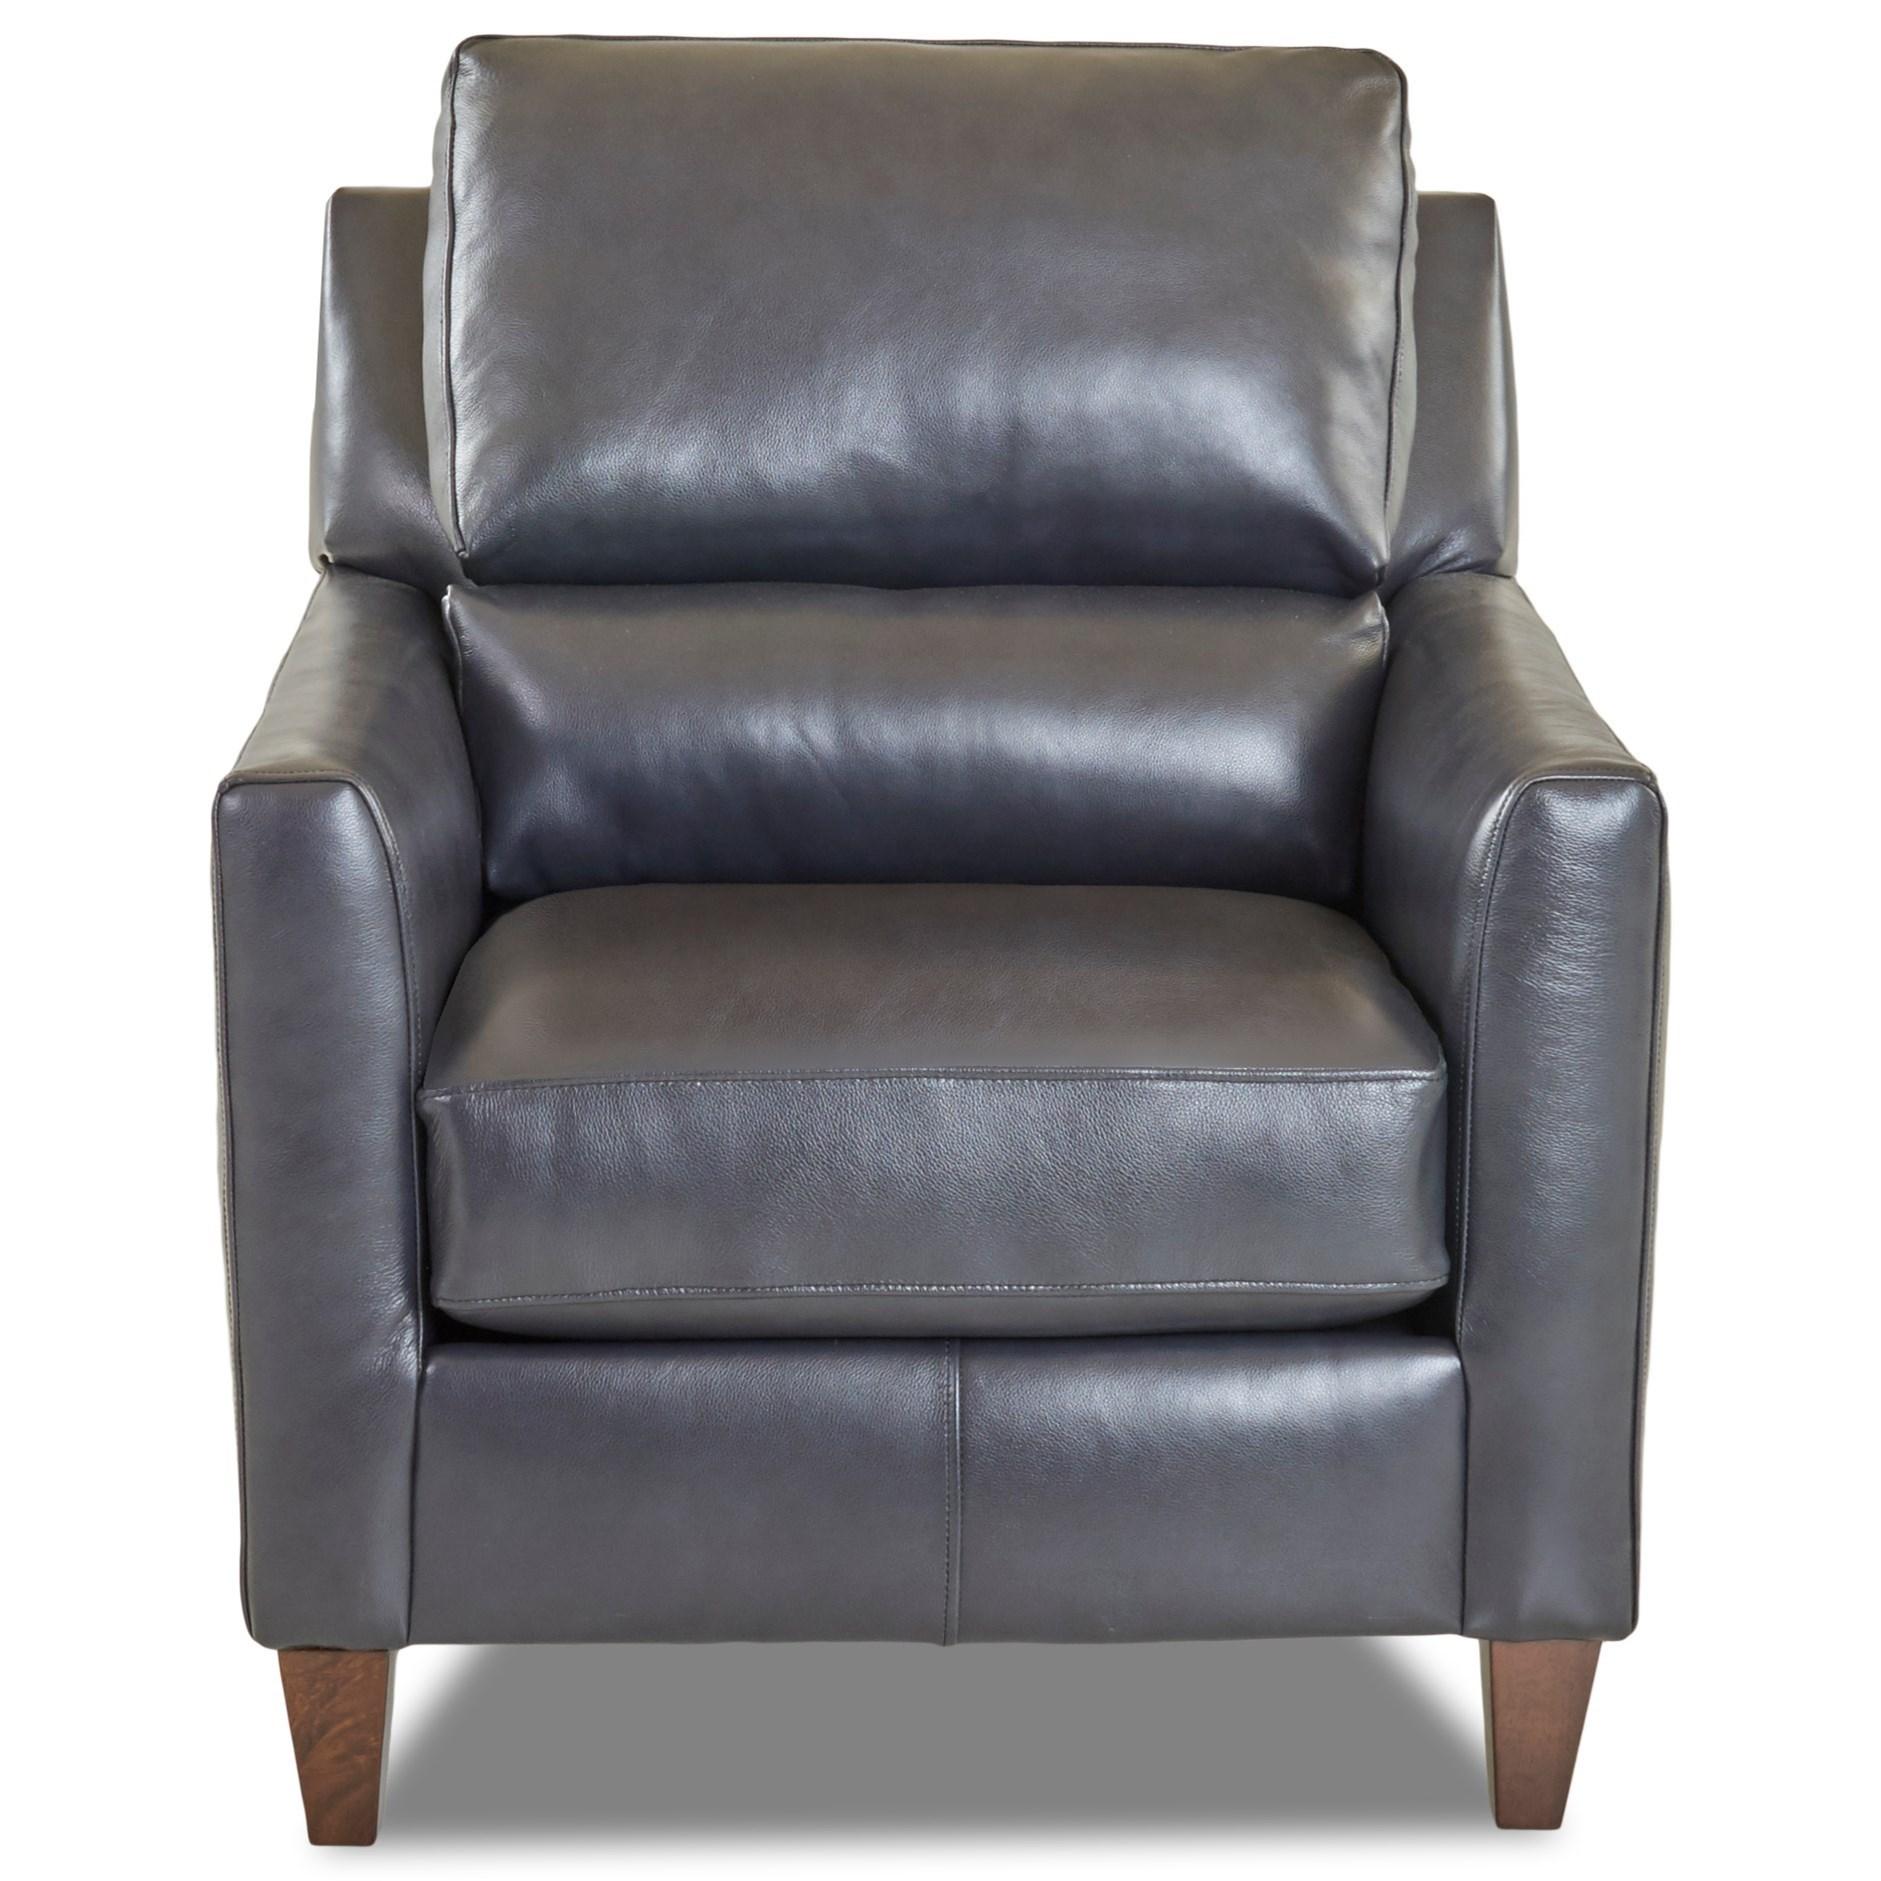 Dakar Charcoal Chair at Rotmans